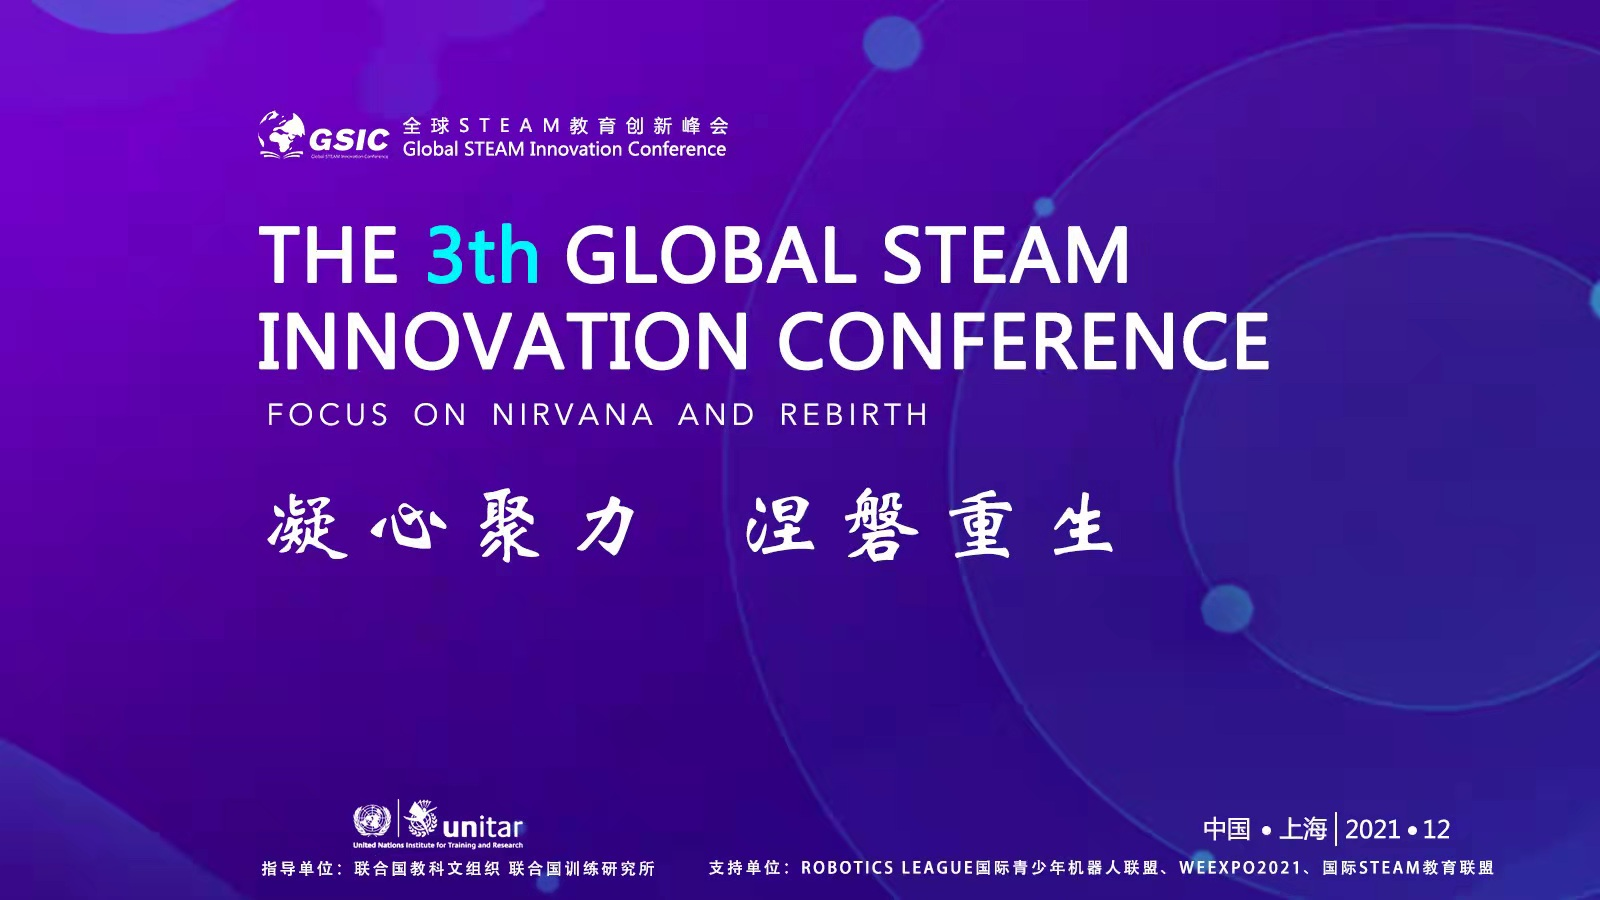 2021年第三届GSIC全球STEAM教育创新峰会